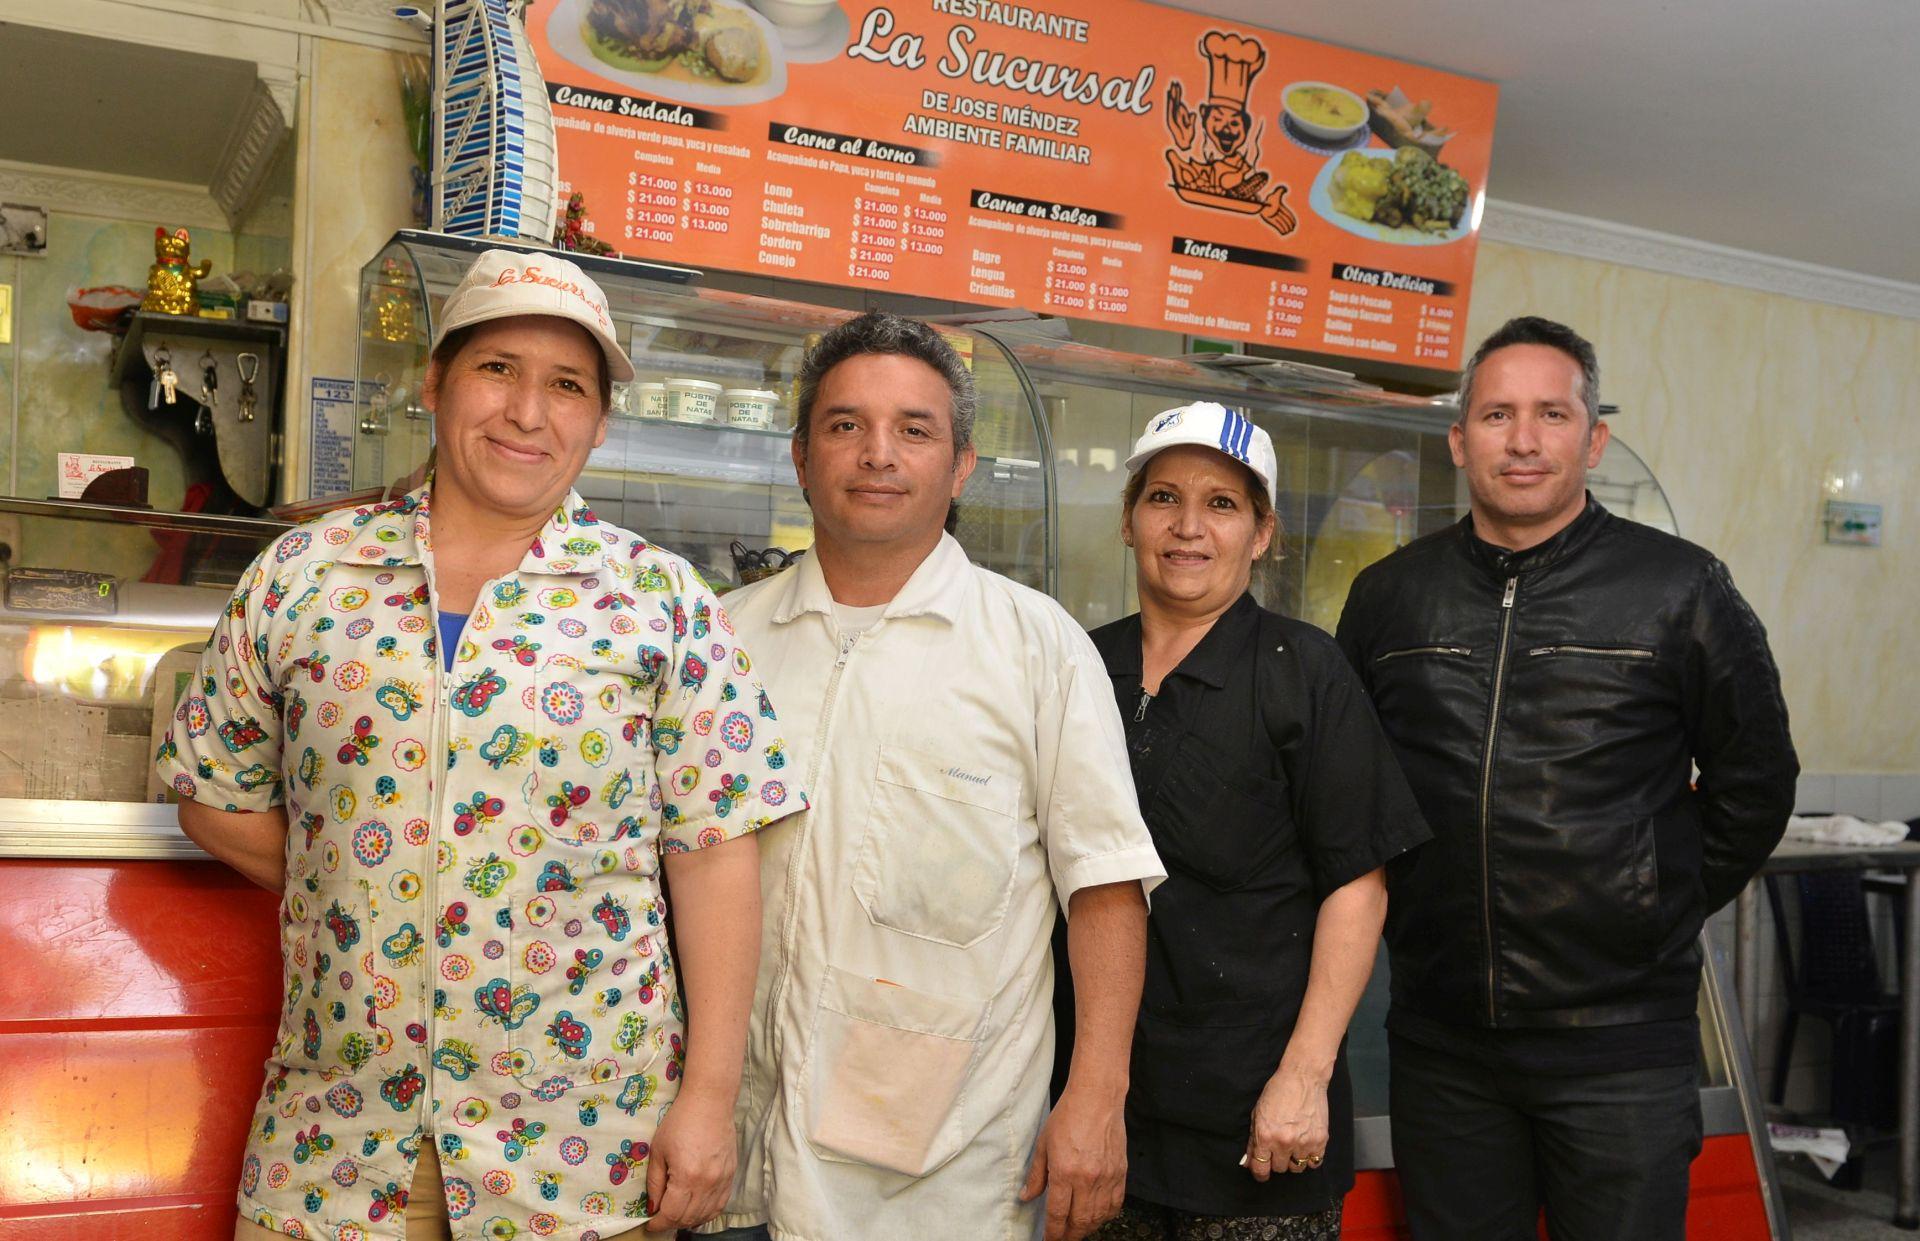 Nubia, Manuel, Pilar, Javier y José, quien no aparece en la foto, son los guardianes de la tradición familiar, iniciada hace 56 años por José Méndez y Amalia Sosa.